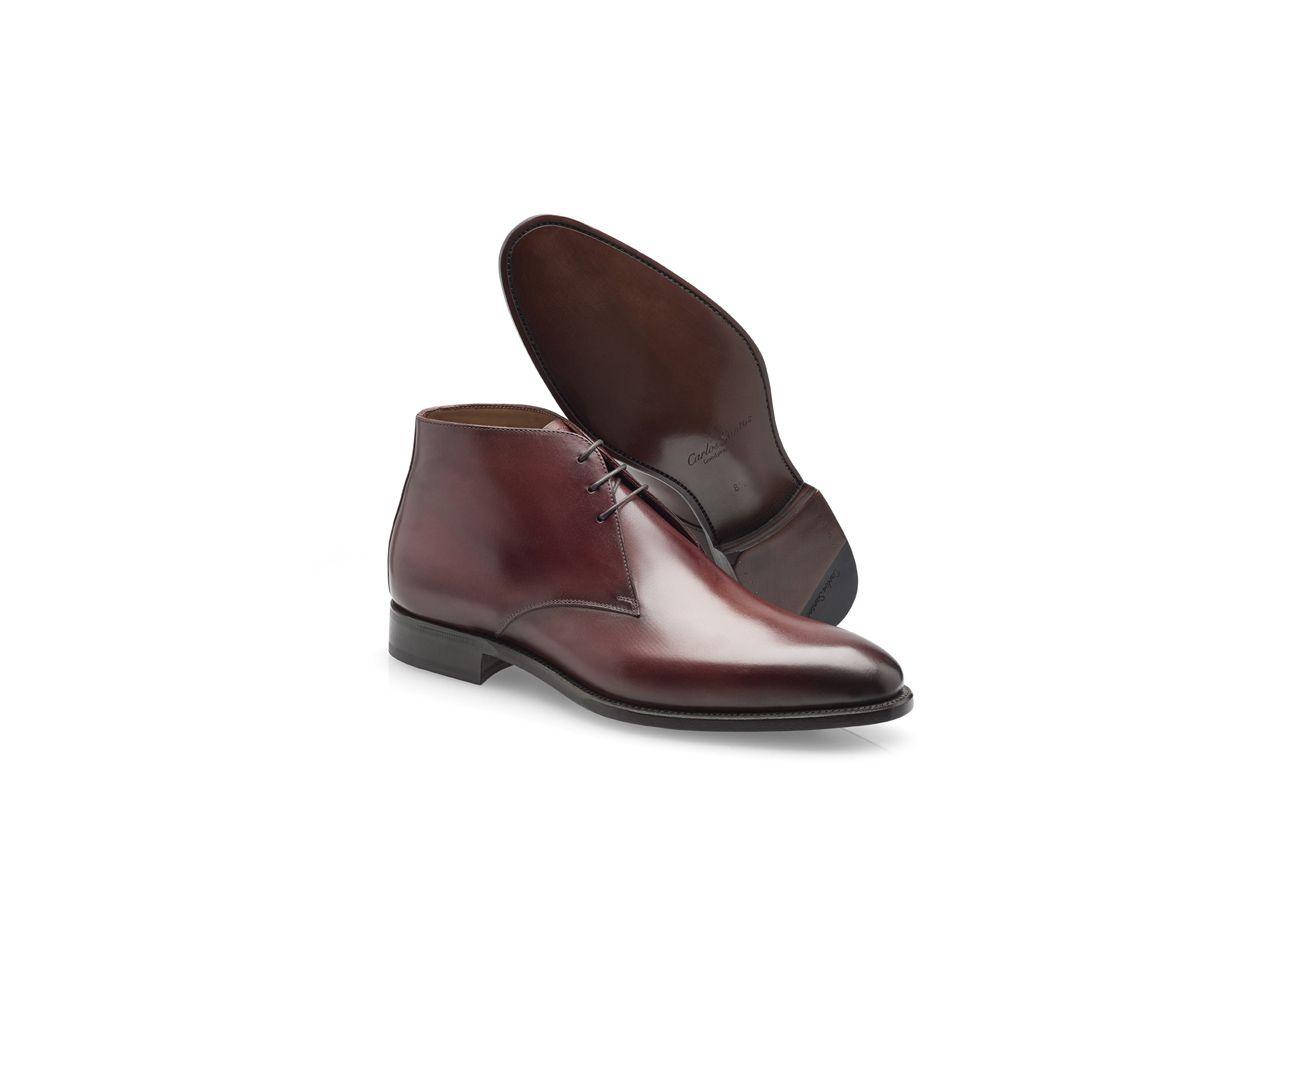 kvalitetsdesign Storbritannien billig försäljning bästa stället Chukka boots | Boots, Shoe boots, Goodyear welt